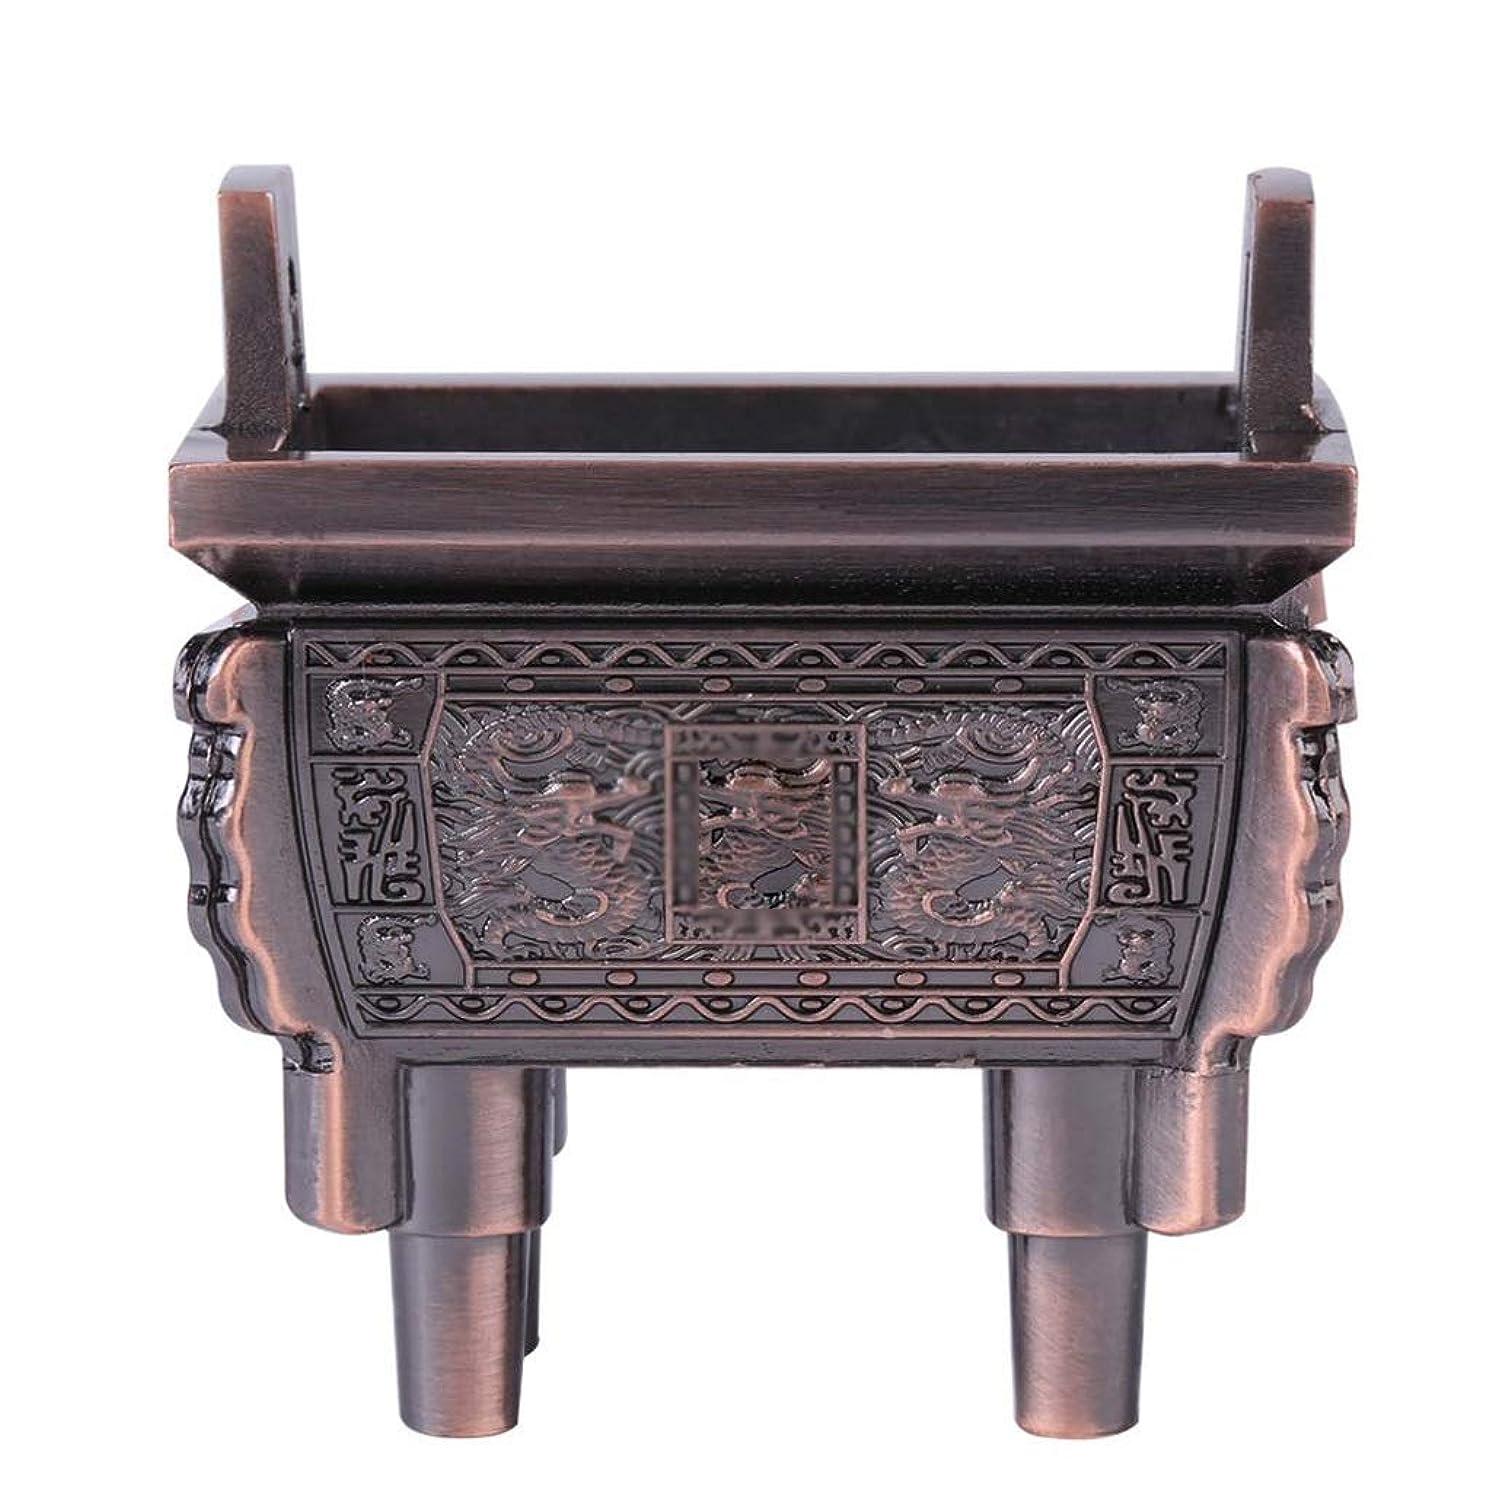 不道徳世紀眩惑する芳香器?アロマバーナー 総本店のホテルの喫茶店の使用のための小型多機能香の棒のバーナーのホールダーのセンサー アロマバーナー芳香器 (Color : Brass)